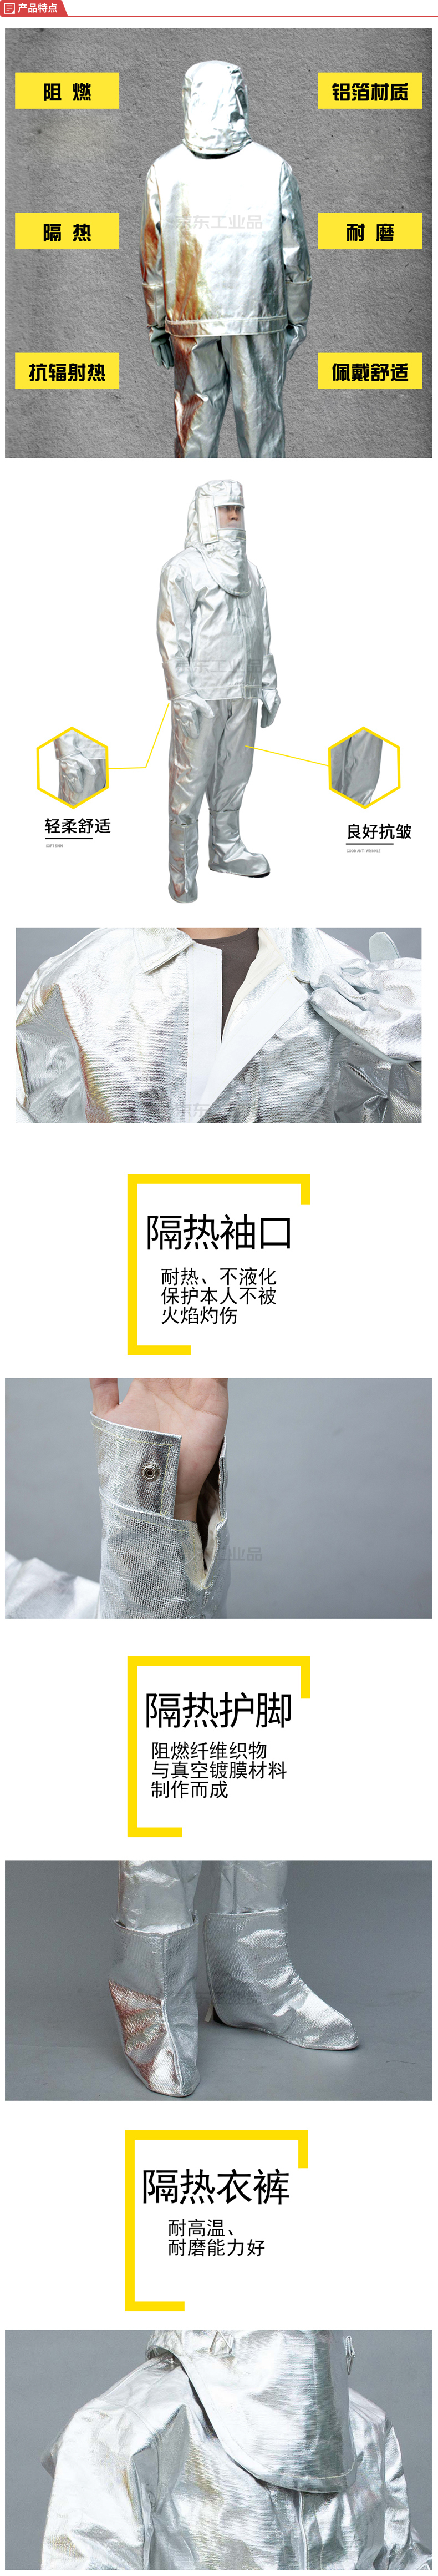 劳卫士 分体隔热服(辐射热1000度) L码;LWS-001-L